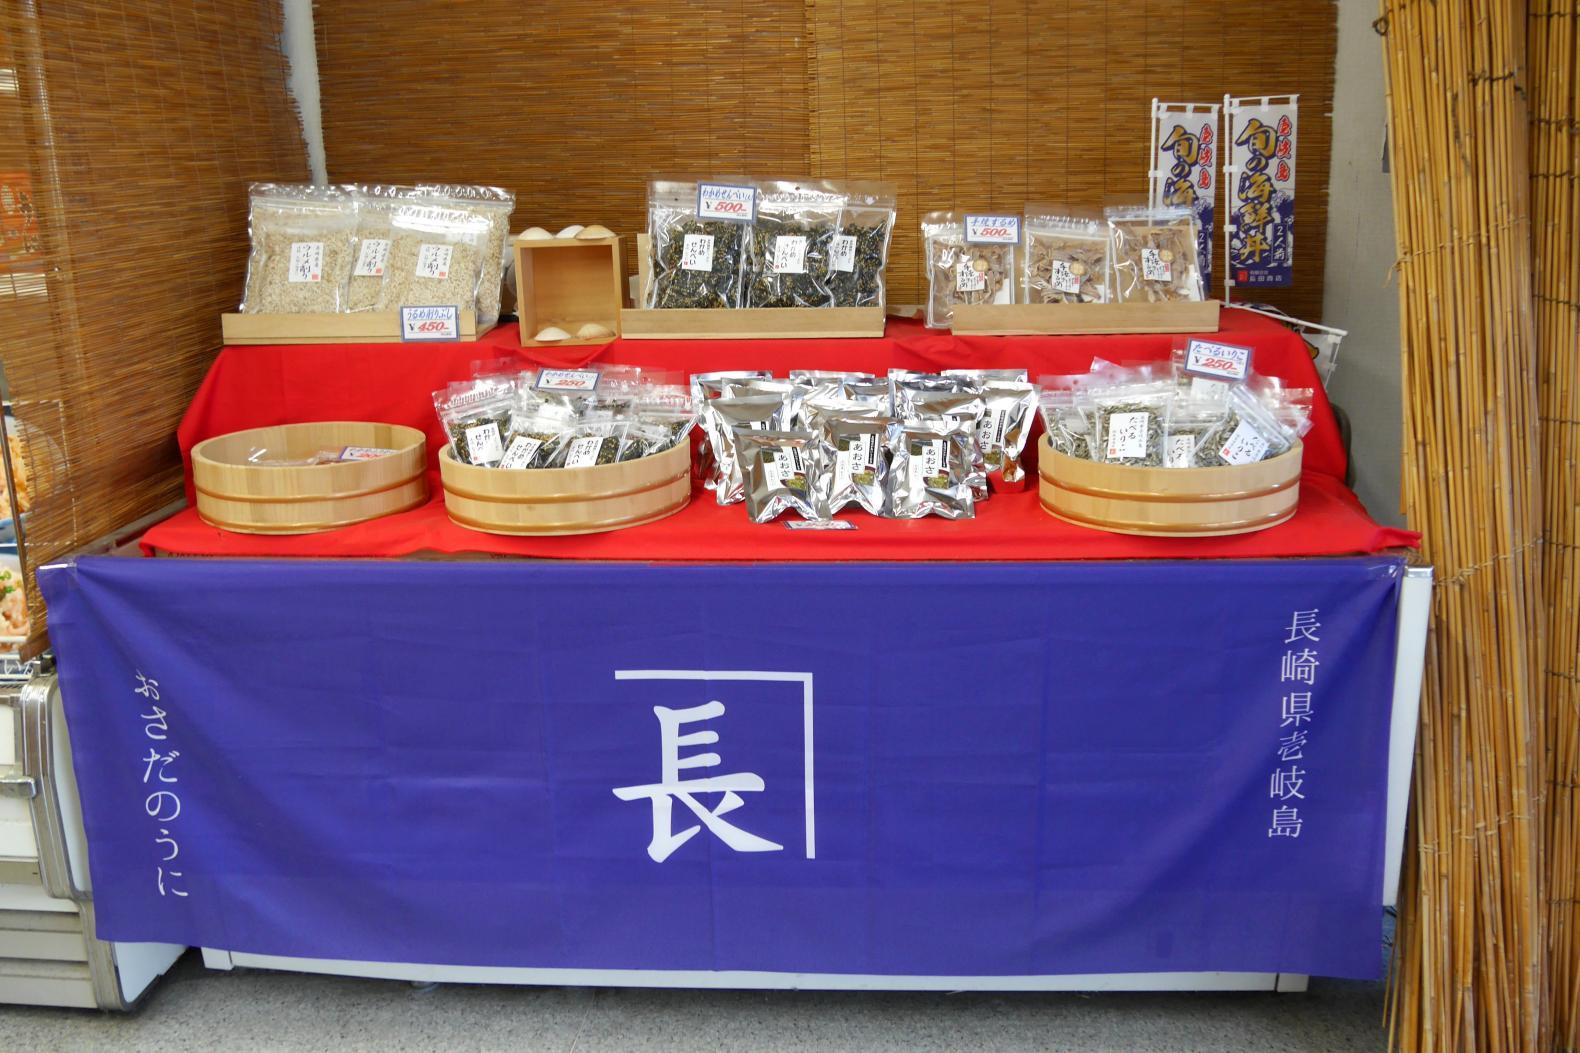 長田商店オリジナル商品も充実の製造元直営店-3